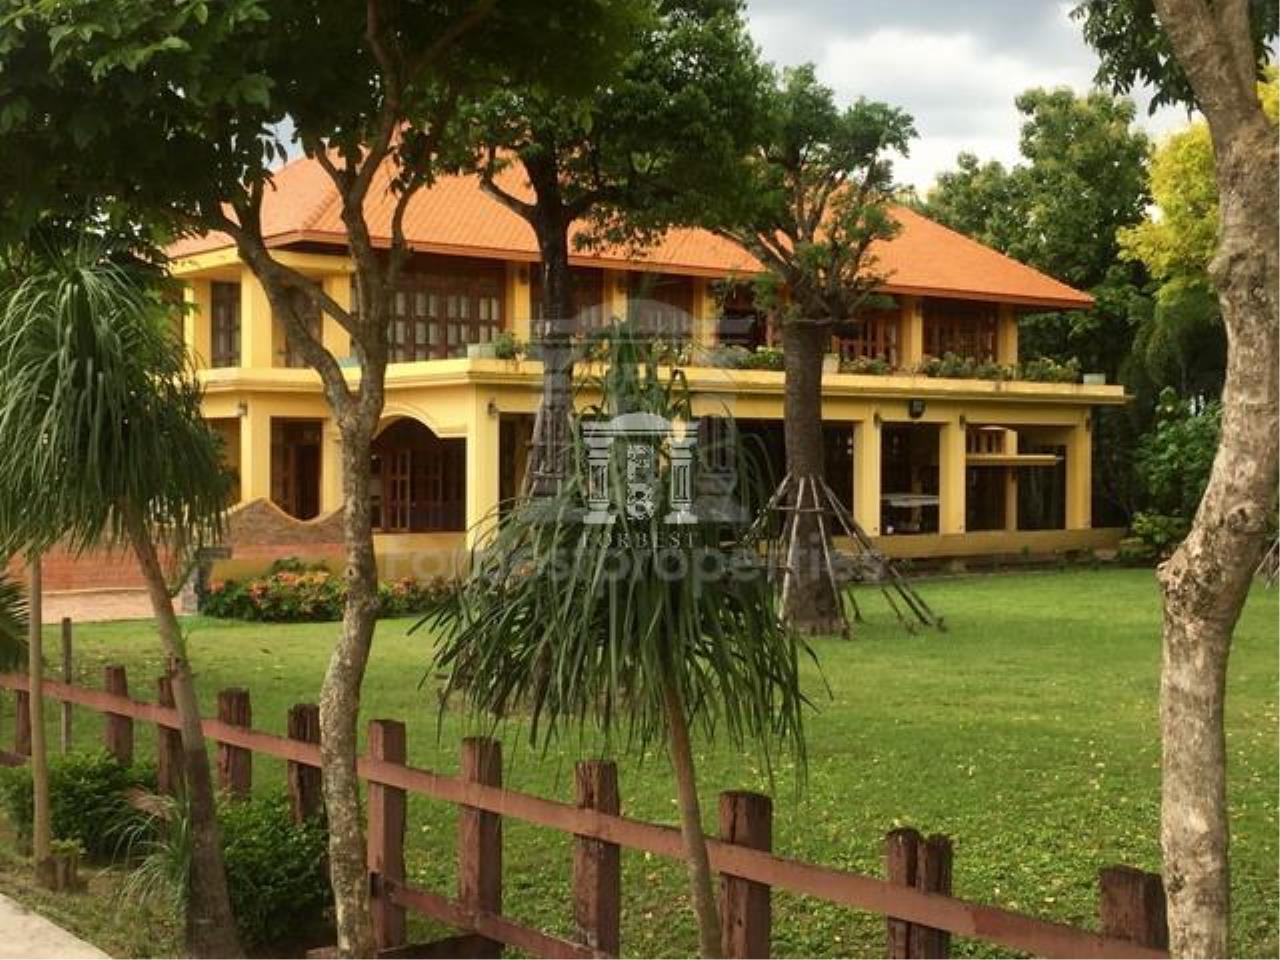 Forbest Properties Agency's  37723 - Single House Pak Chong , Khao Yai, Nakhon Ratchasima 16 rai 50 sq.w. 4